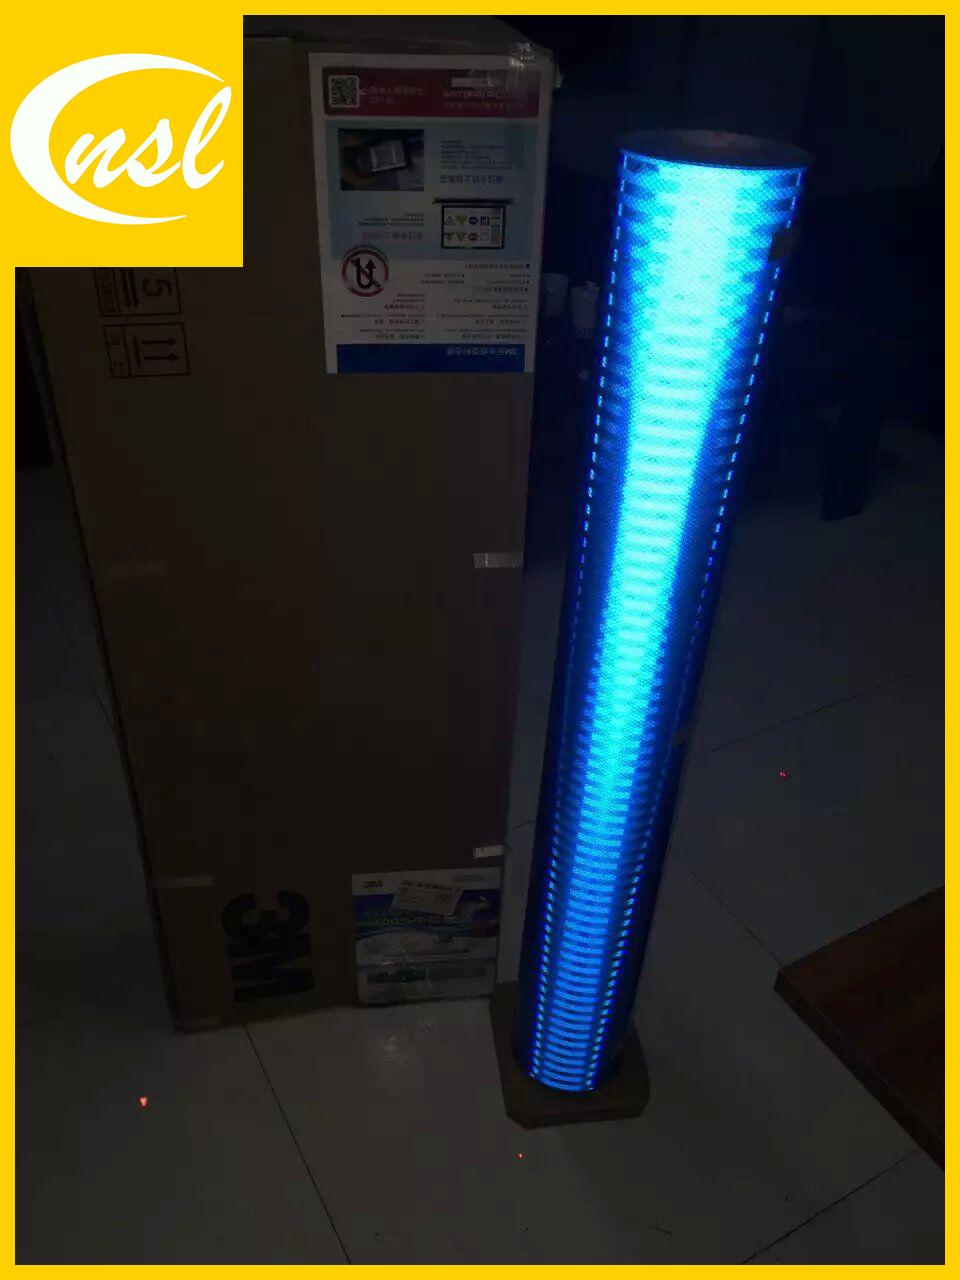 来自余朝洋发布的供应信息:贵州耐视丽反光材料有限公司是一家从事生产... - 贵州耐视丽反光材料有限公司